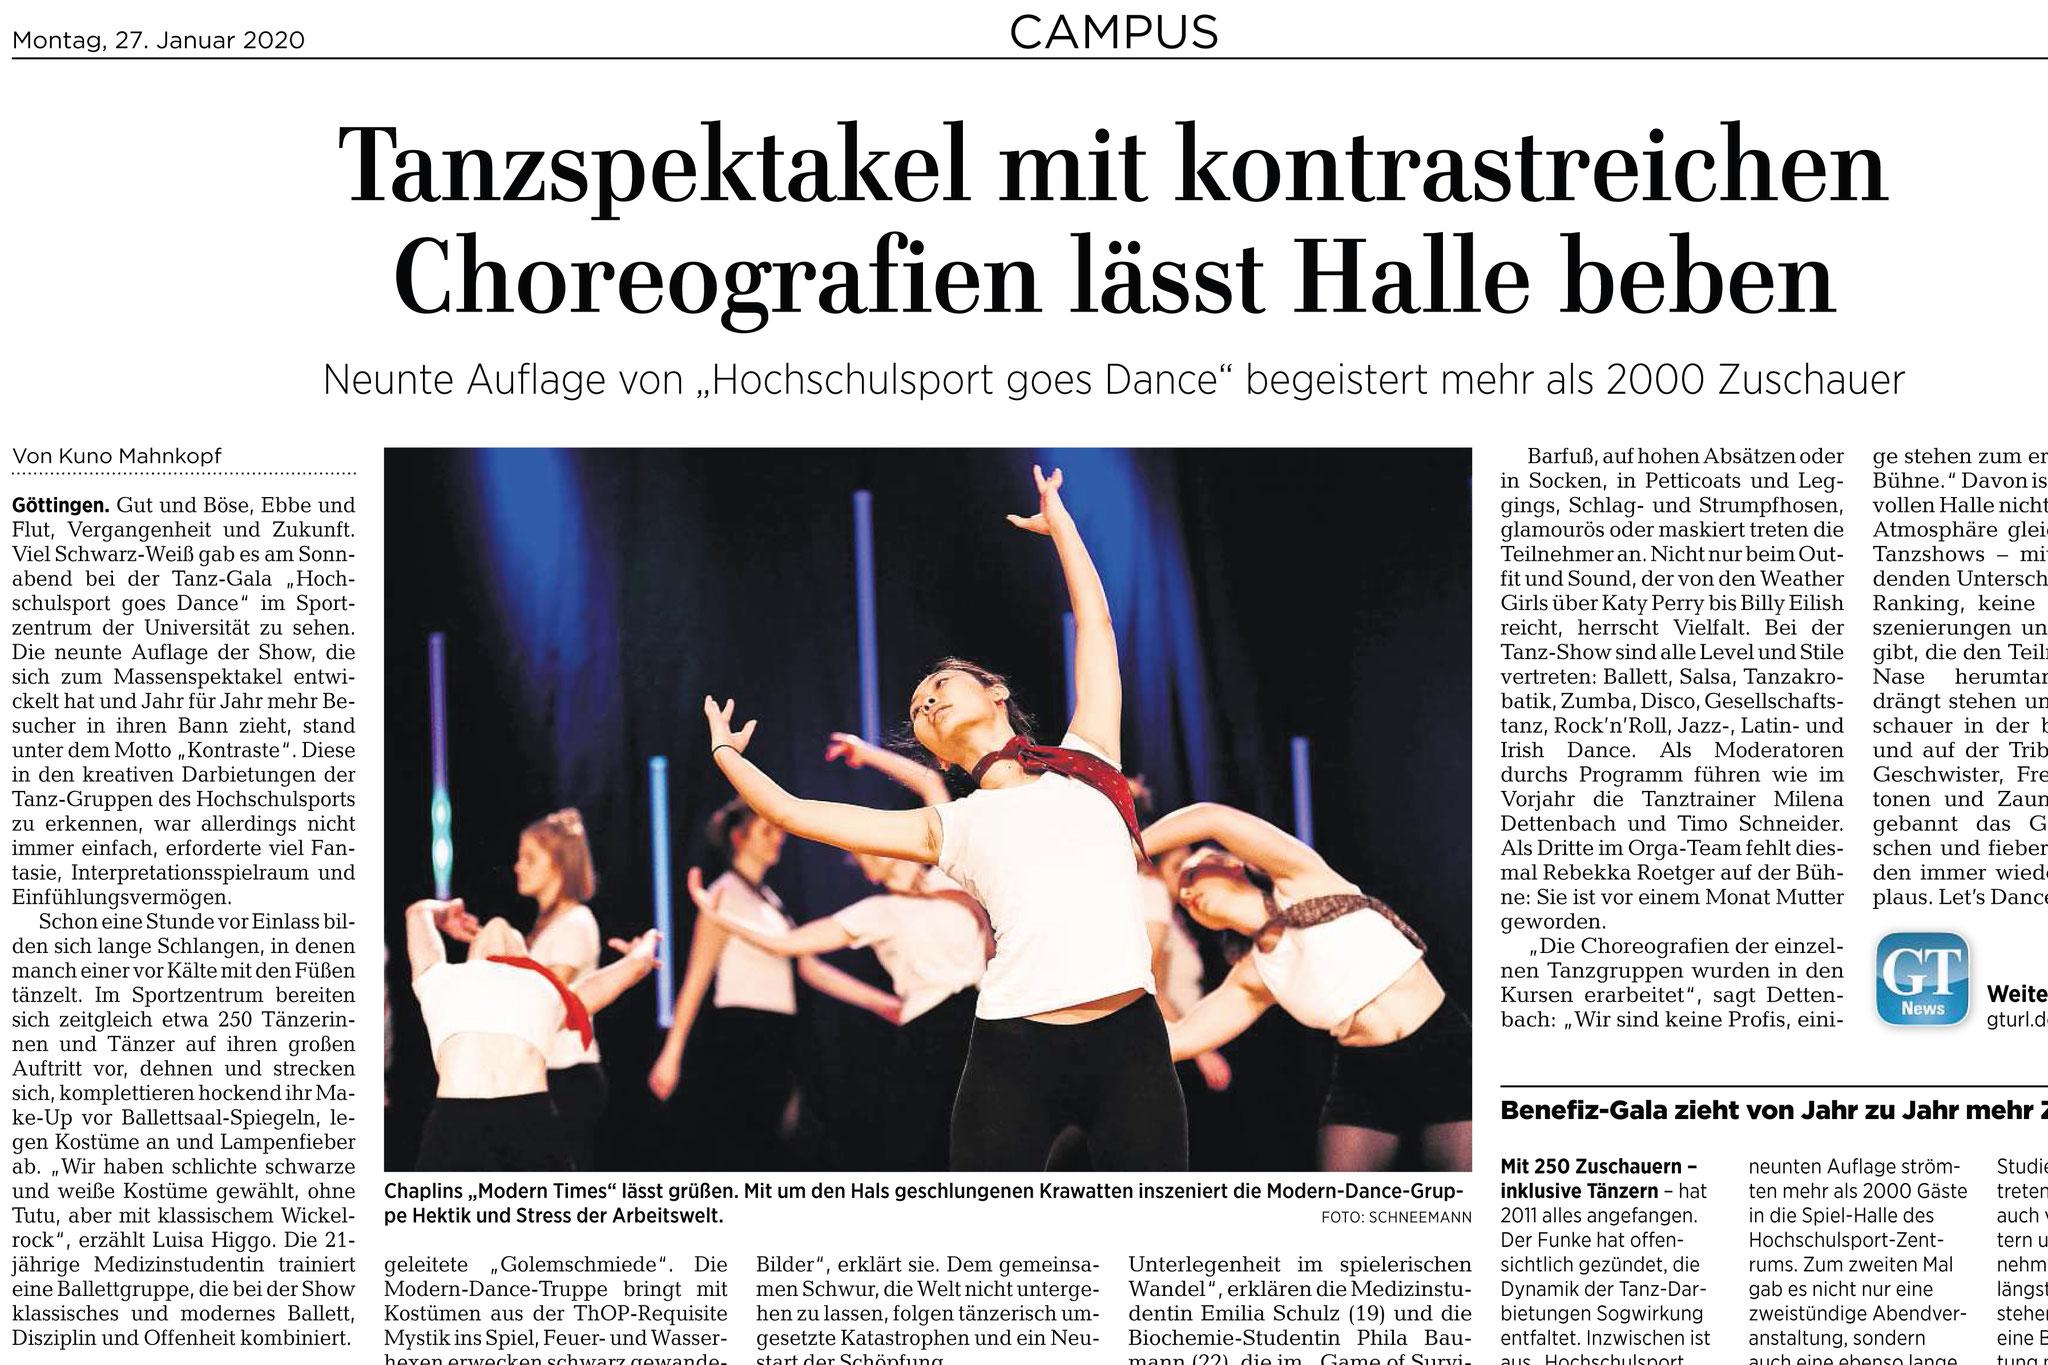 Göttinger Tageblatt. Tanzgala des Hochschulsport der Universität Göttingen